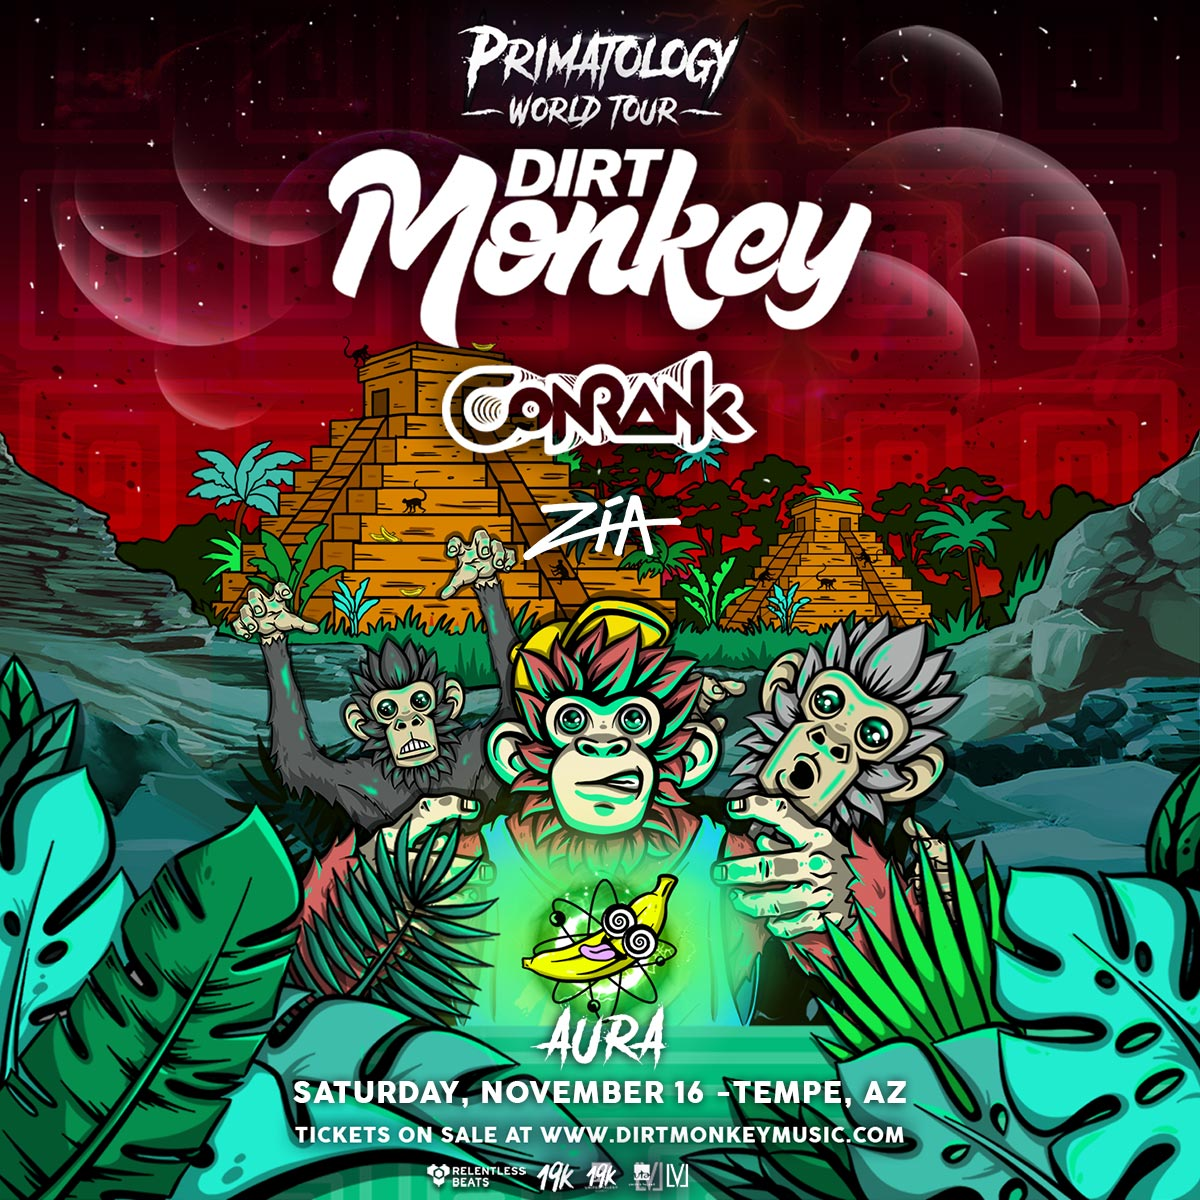 Flyer for Dirt Monkey